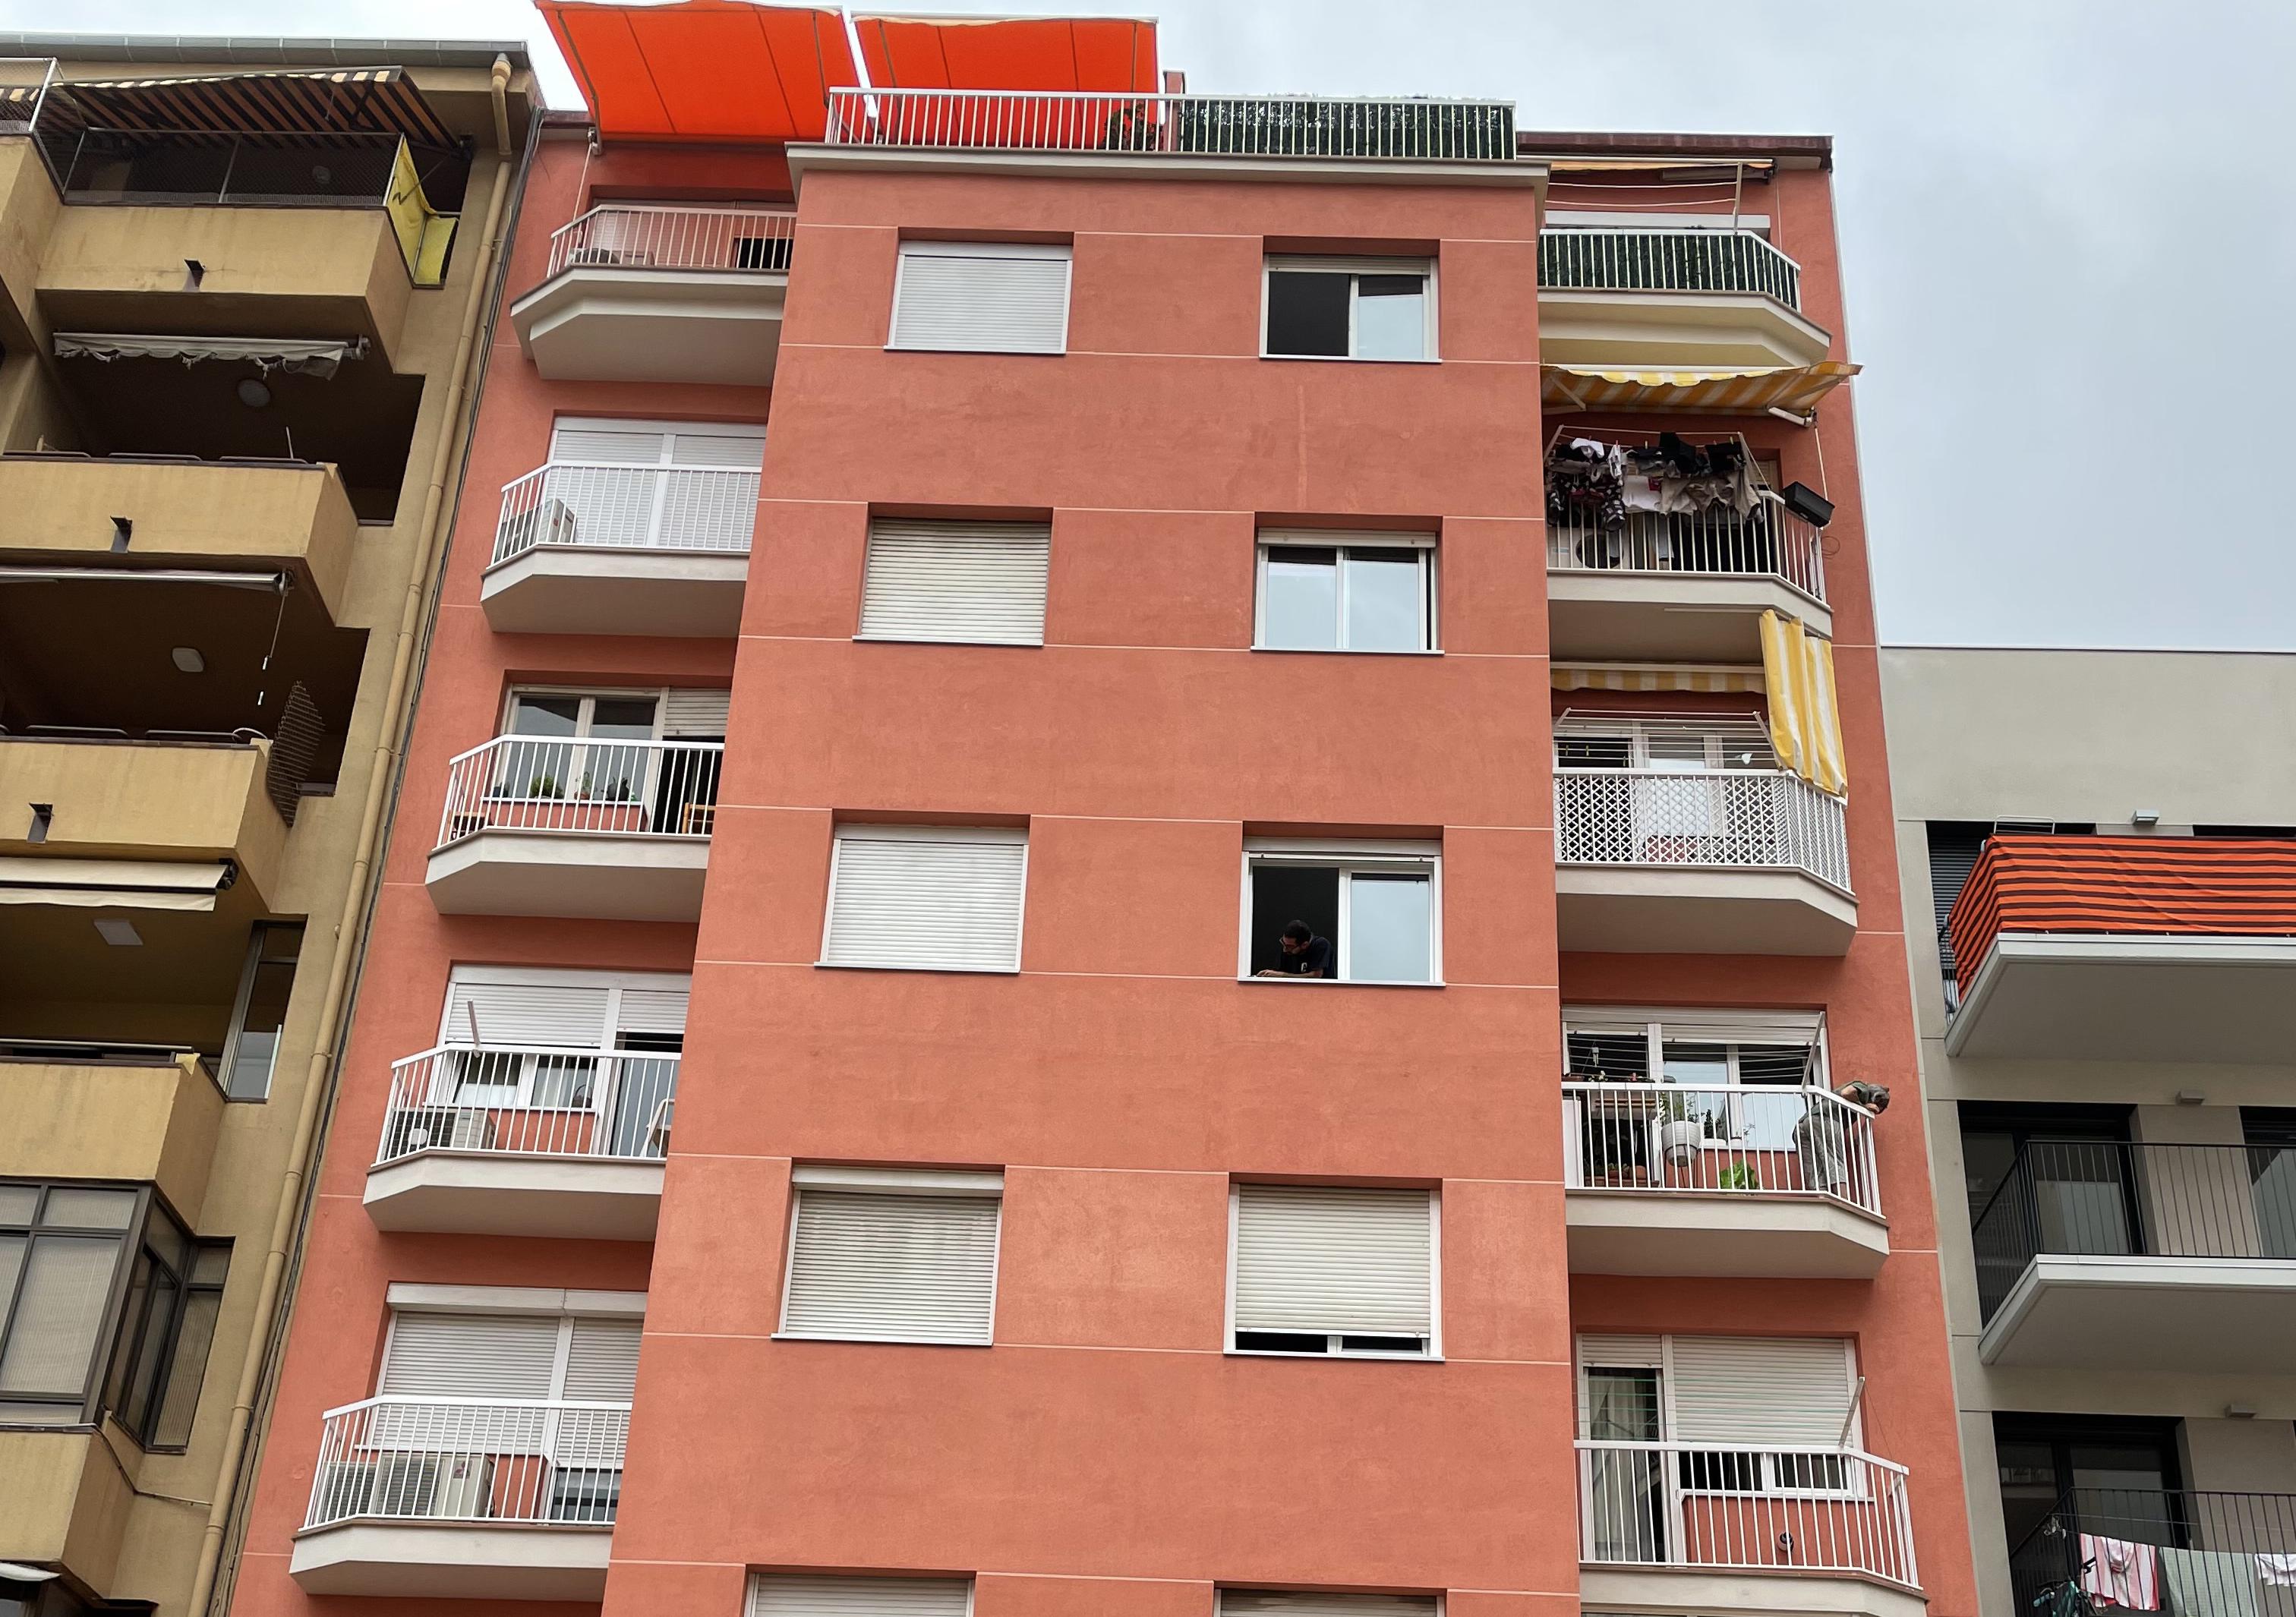 Mallorca 81, Barcelona